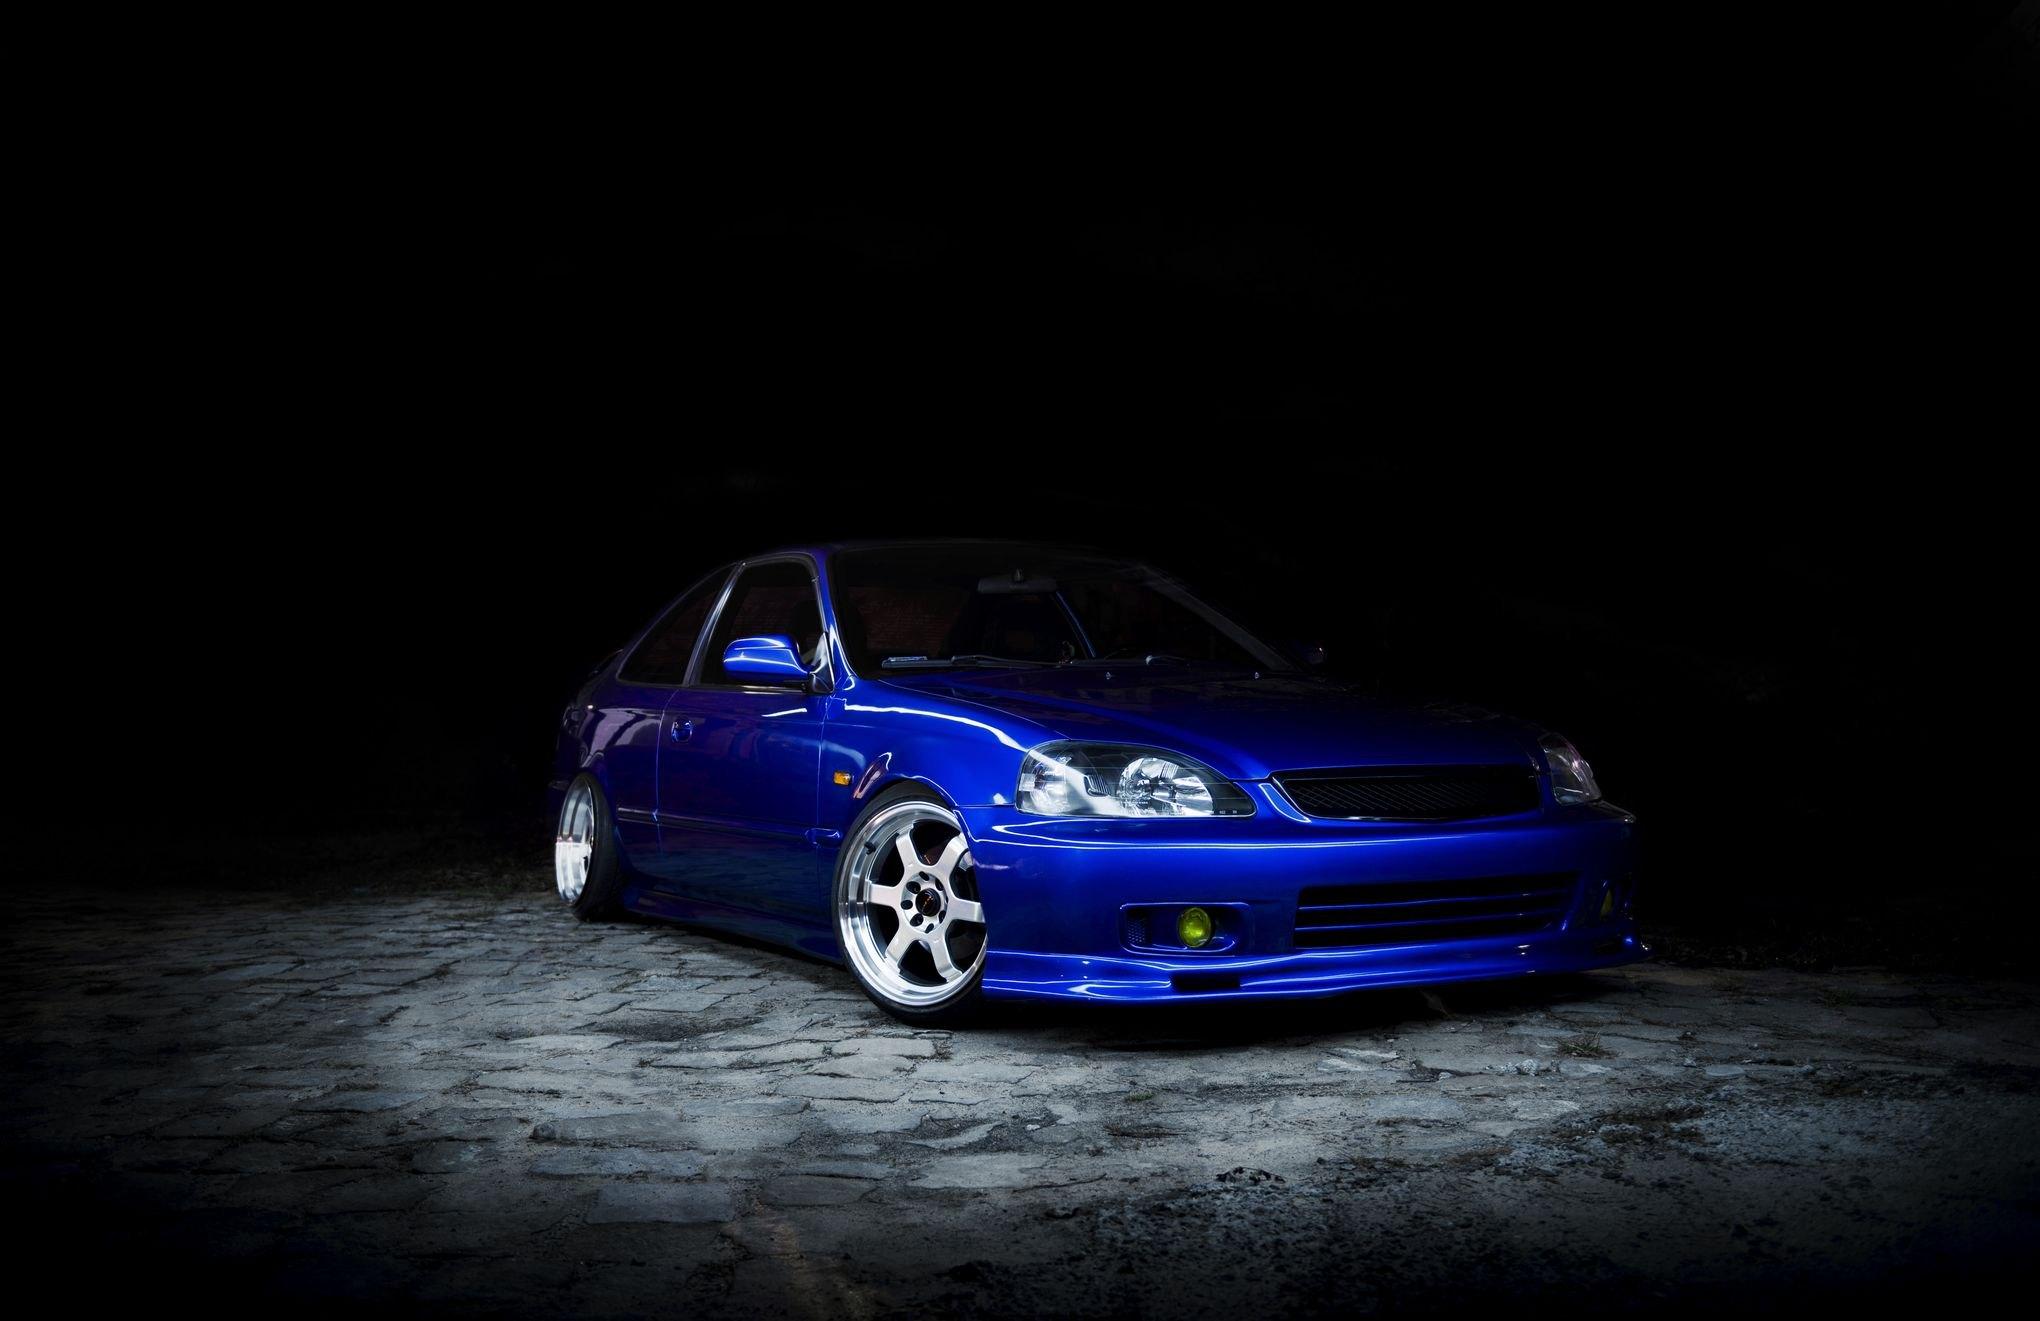 Custom Honda Civic Images Mods Photos Upgrades Carid Com Gallery